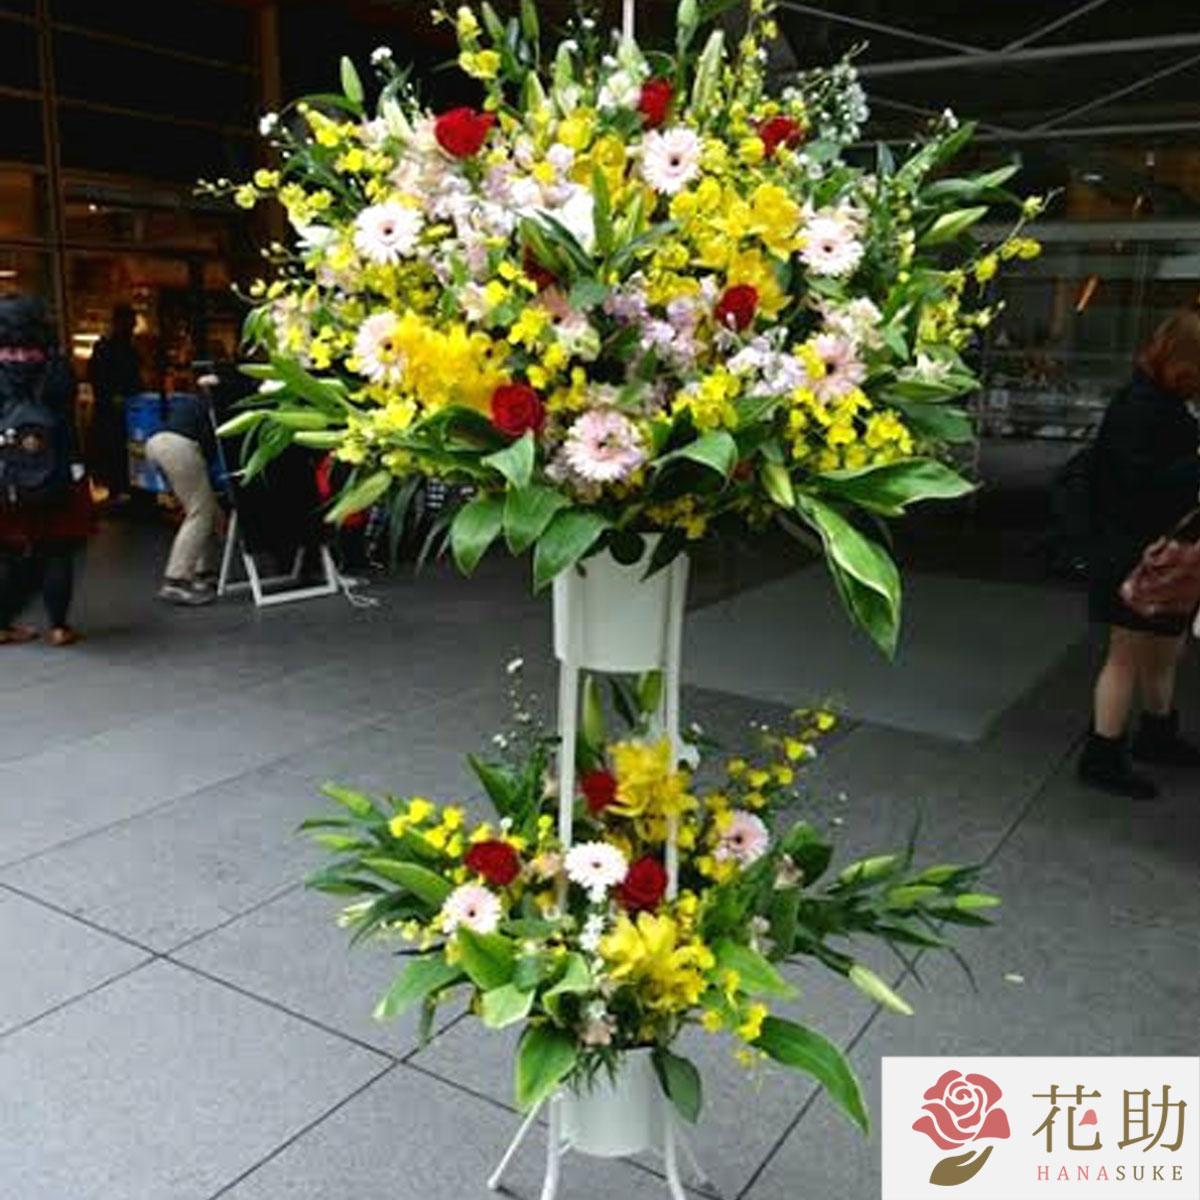 【スタンド花】フラワーコンシェルジュが厳選した花屋のお祝いスタンド花2段 22000円 【あす楽対応】開店祝い、移転祝い、ビジネスイベントなどのお祝いに即日発送